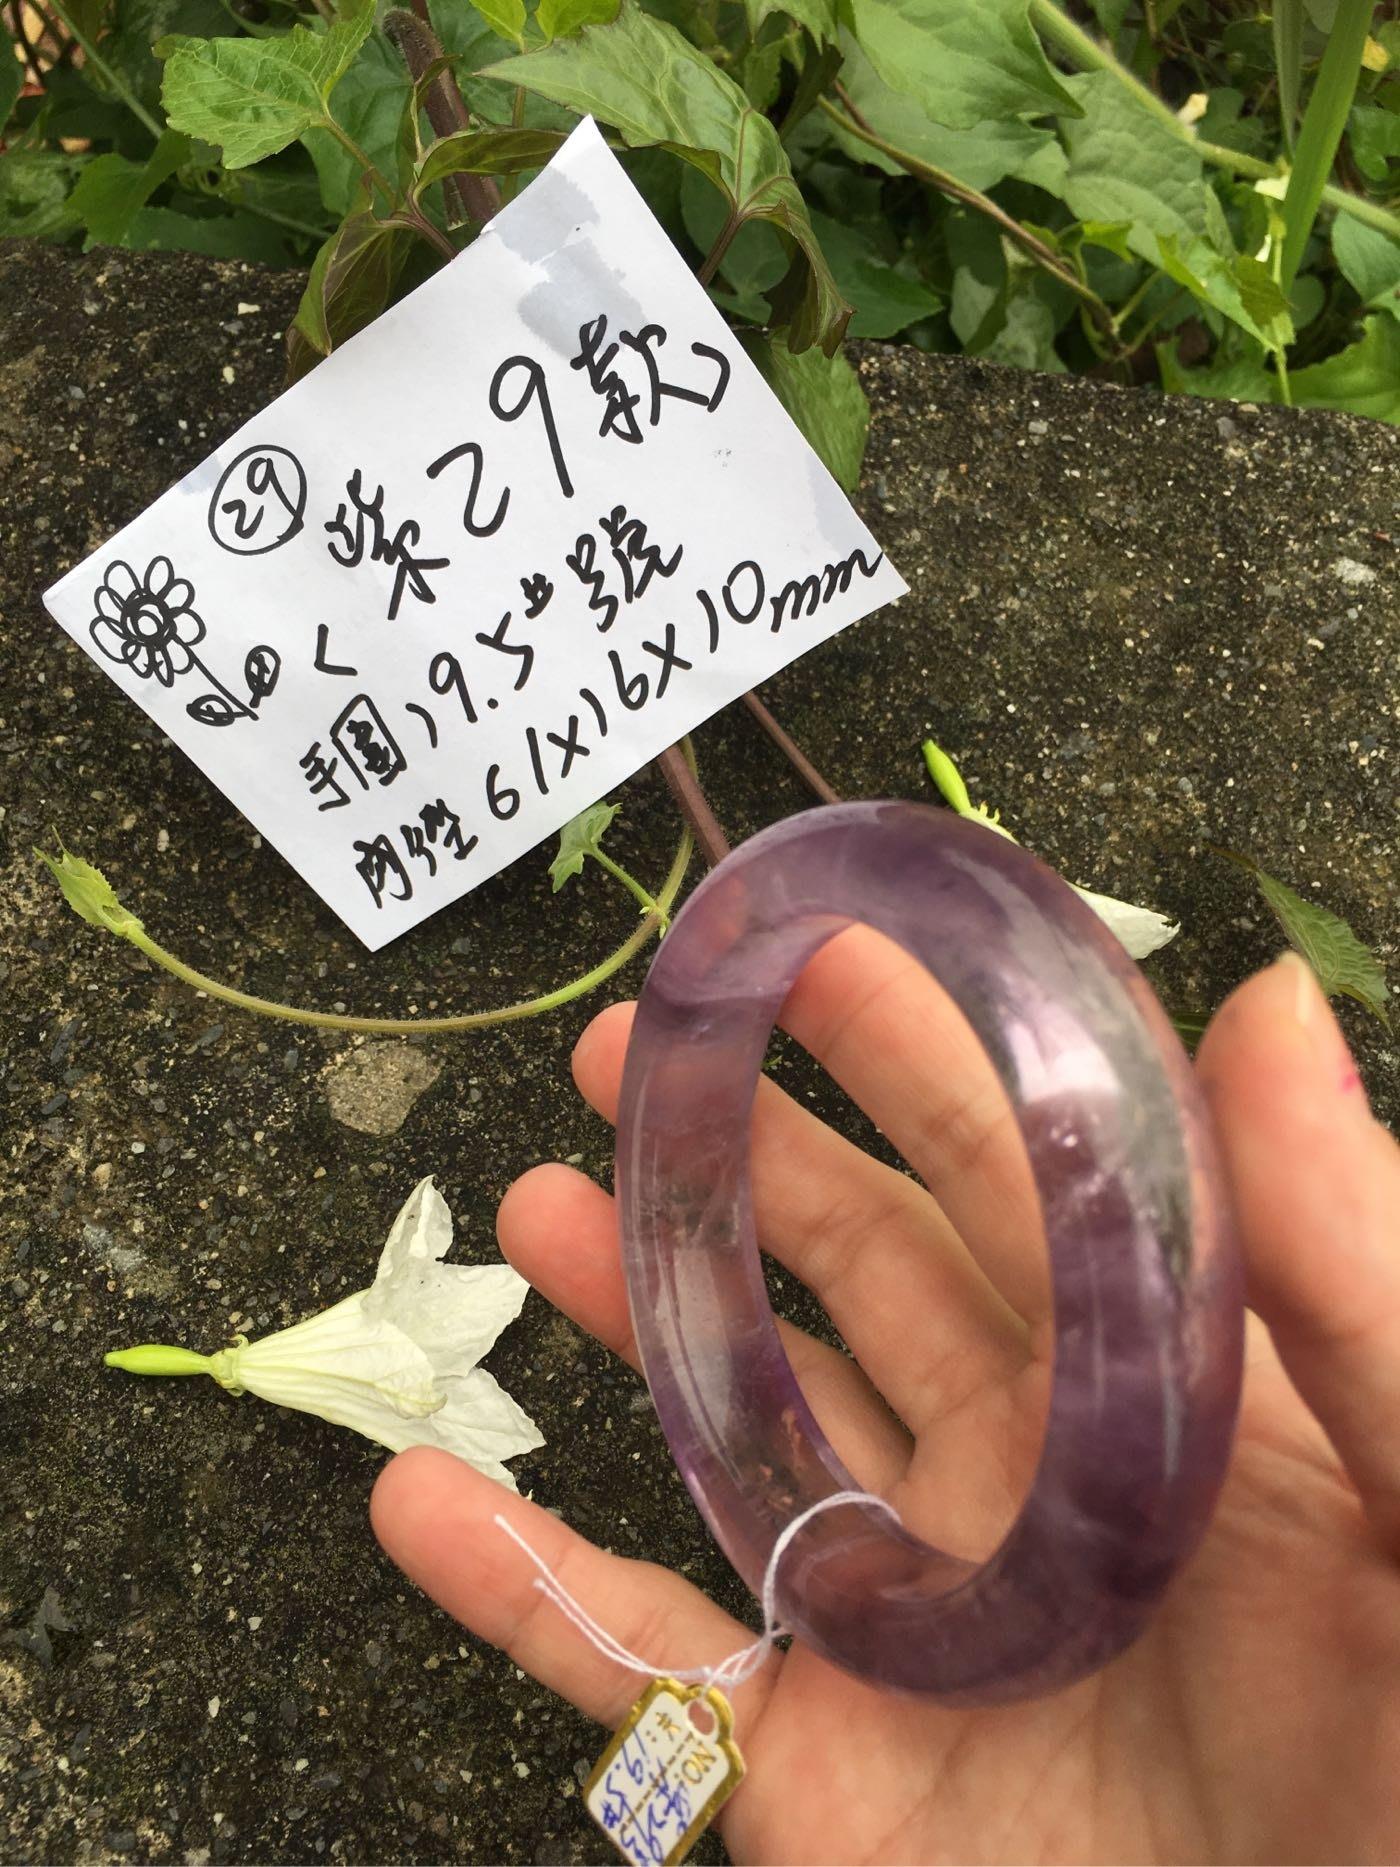 AAA+天然紫水晶手環~窄版~ 《紫29款》~手圍19.5號~內徑61mm寬16厚10mm~紫氣東來、增+神秘高貴氣息!來自烏拉圭的天然紫晶!~{熊寶貝珠寶}~